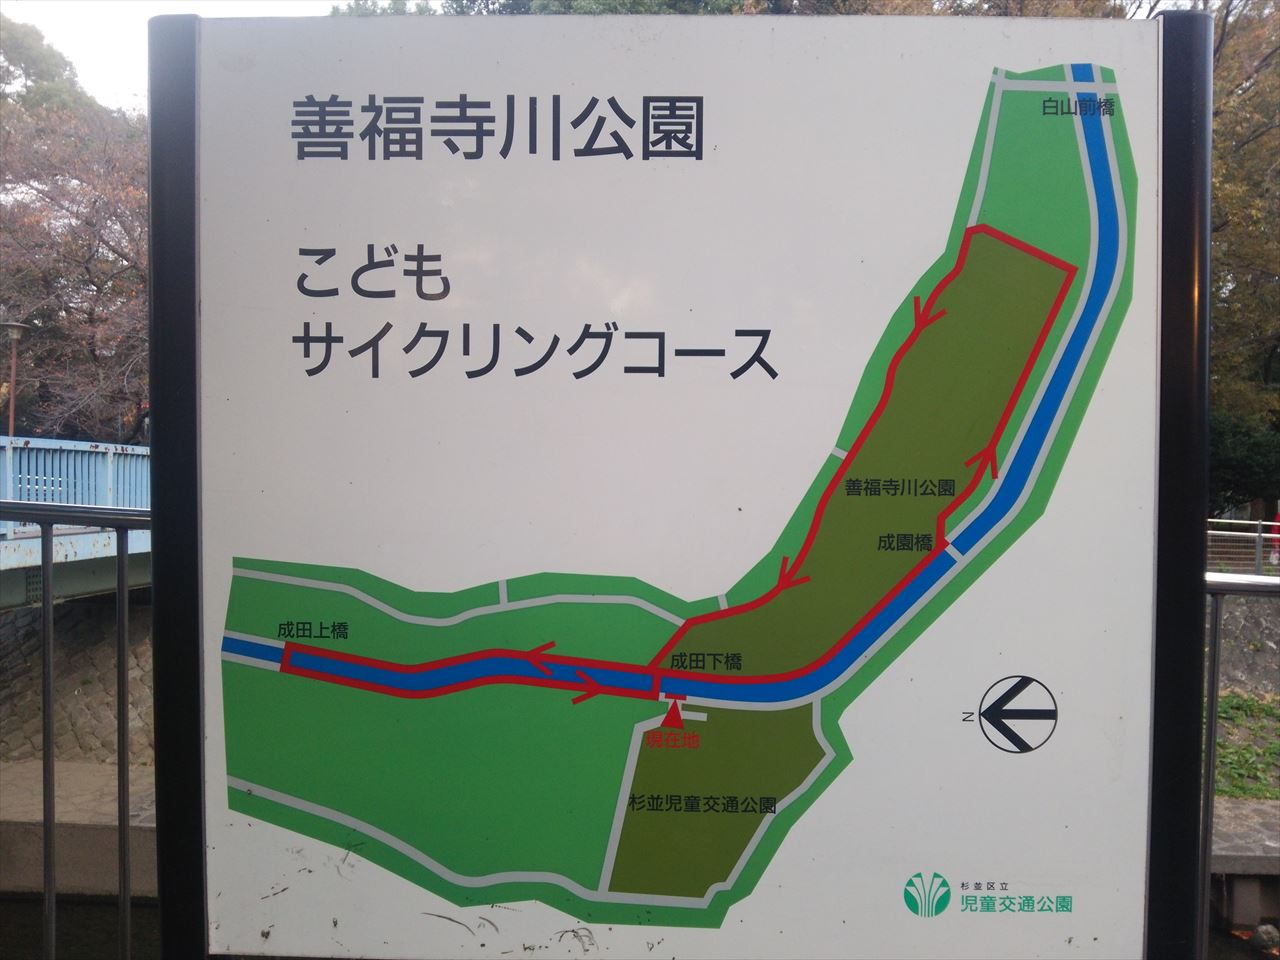 善福寺川公園サイクリングコース